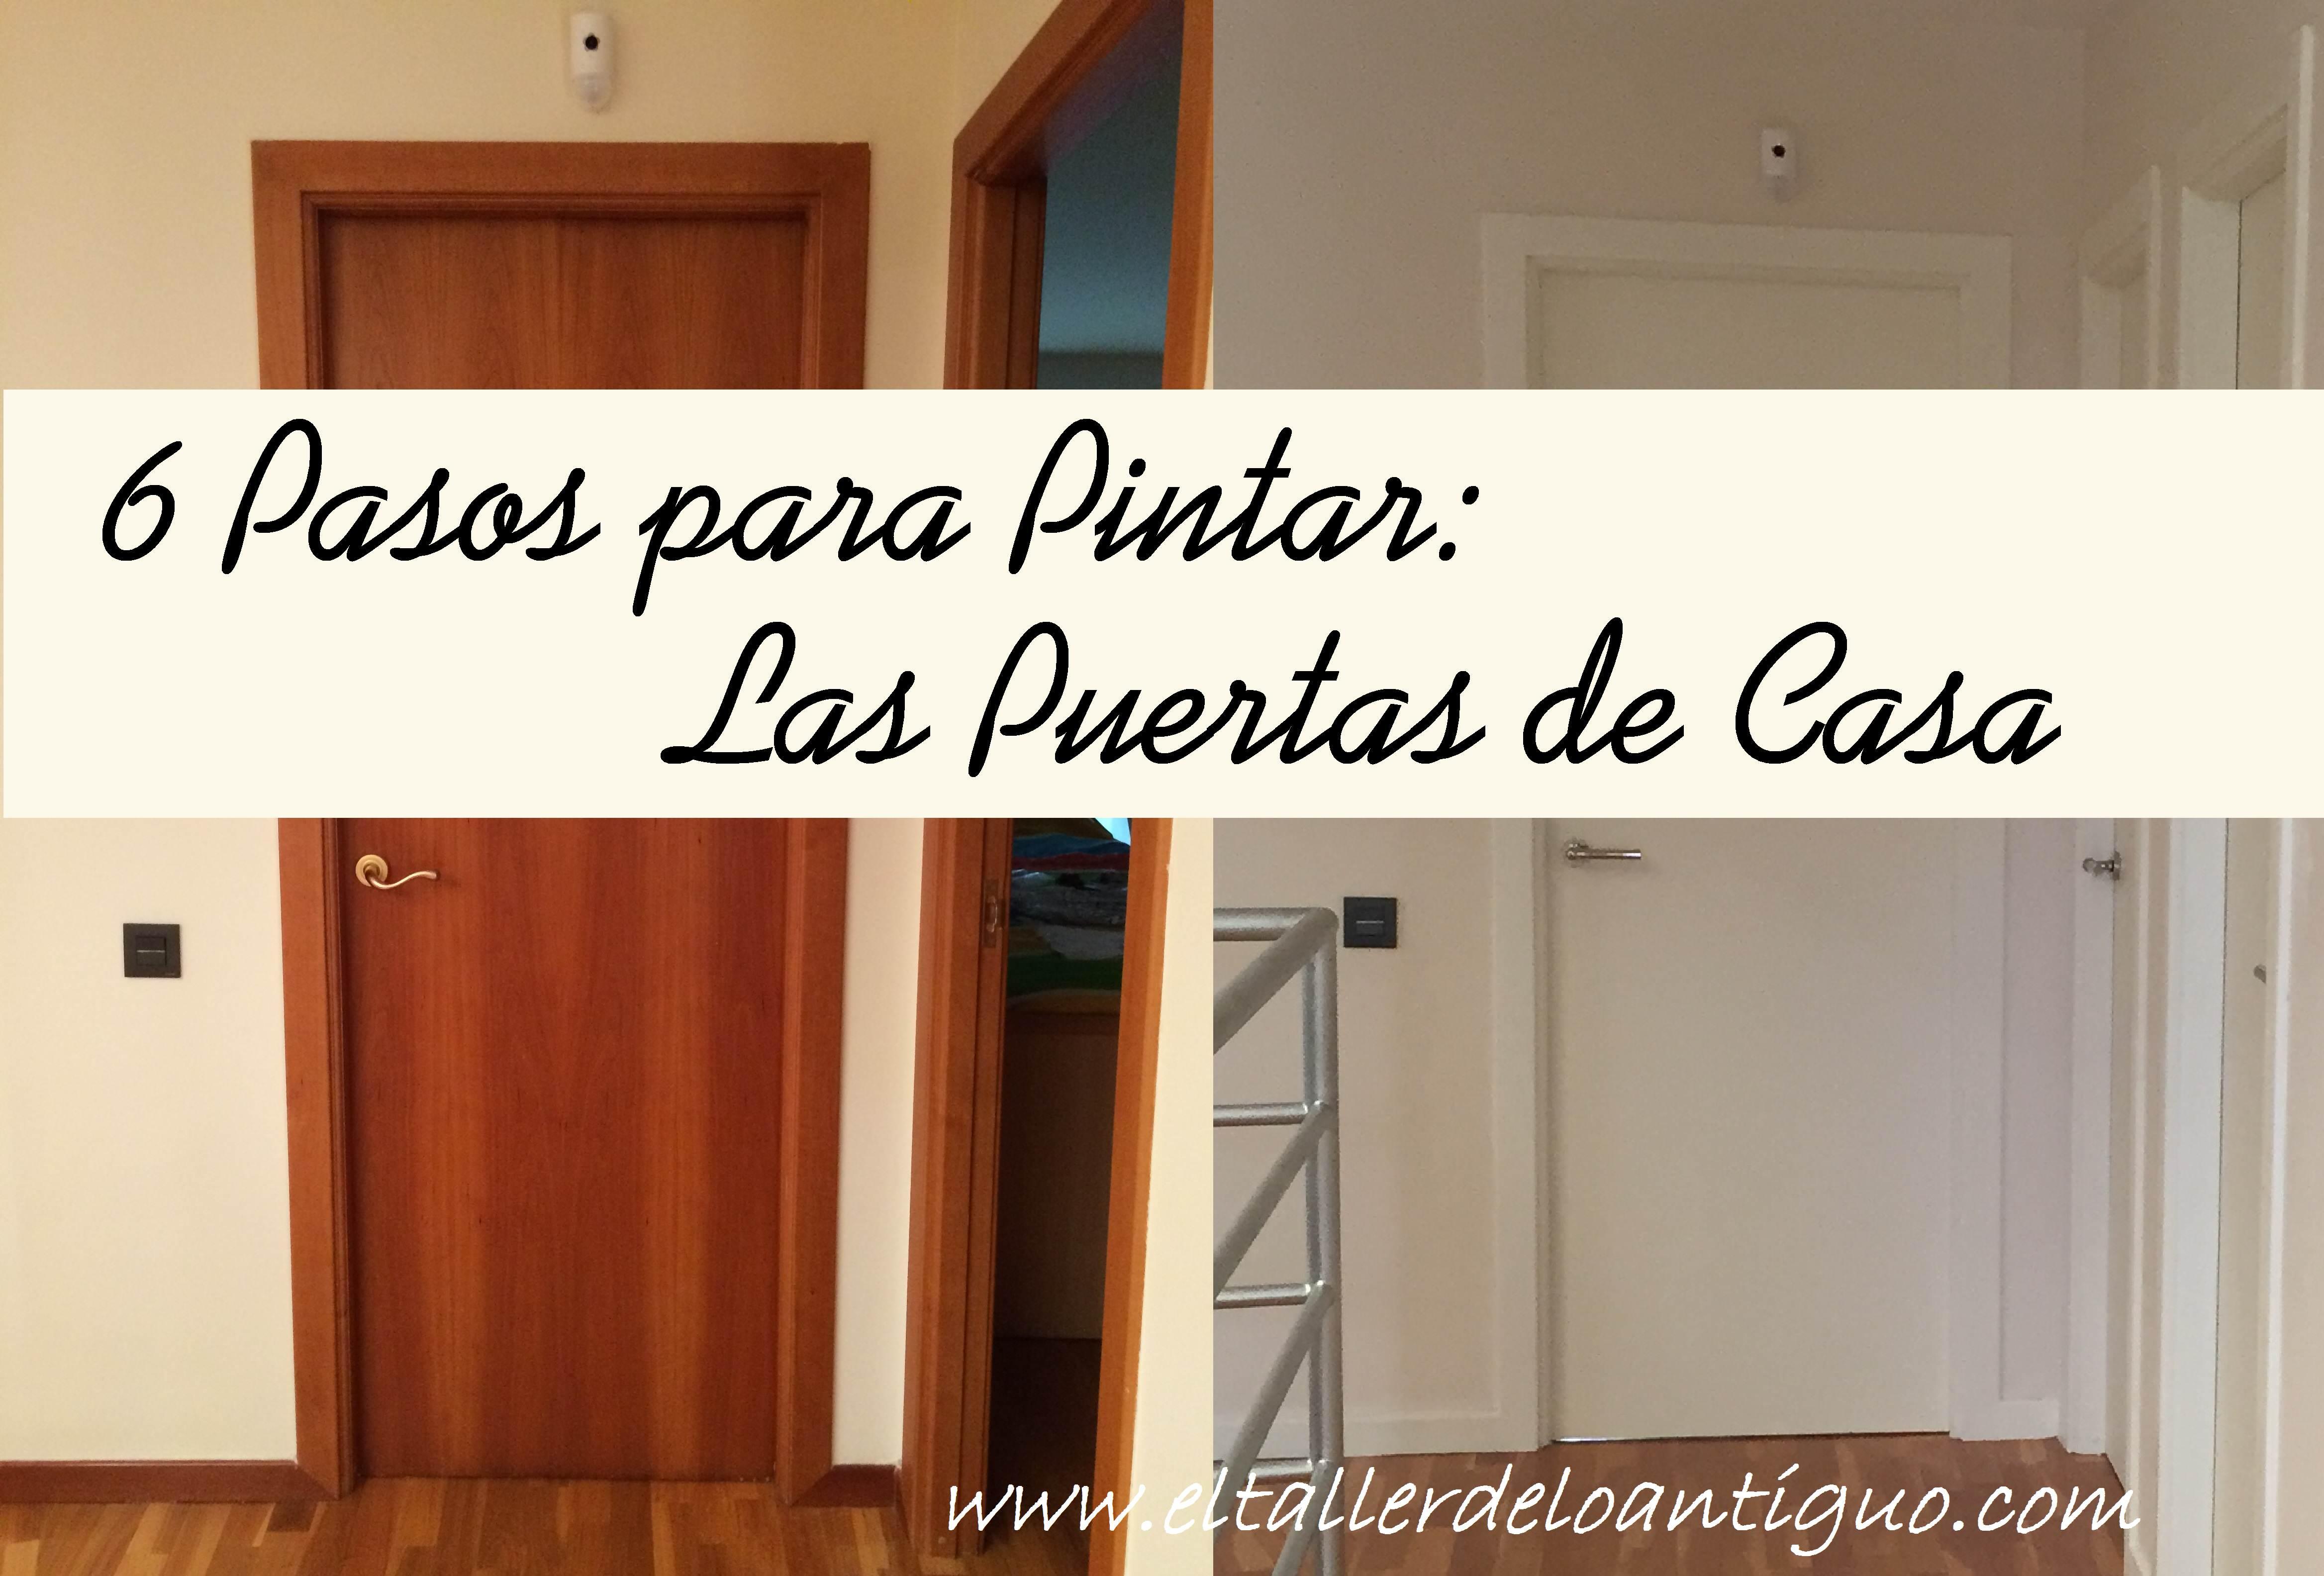 **6 Pasos para Pintar las Puertas de casa , El Taller de lo Antiguo